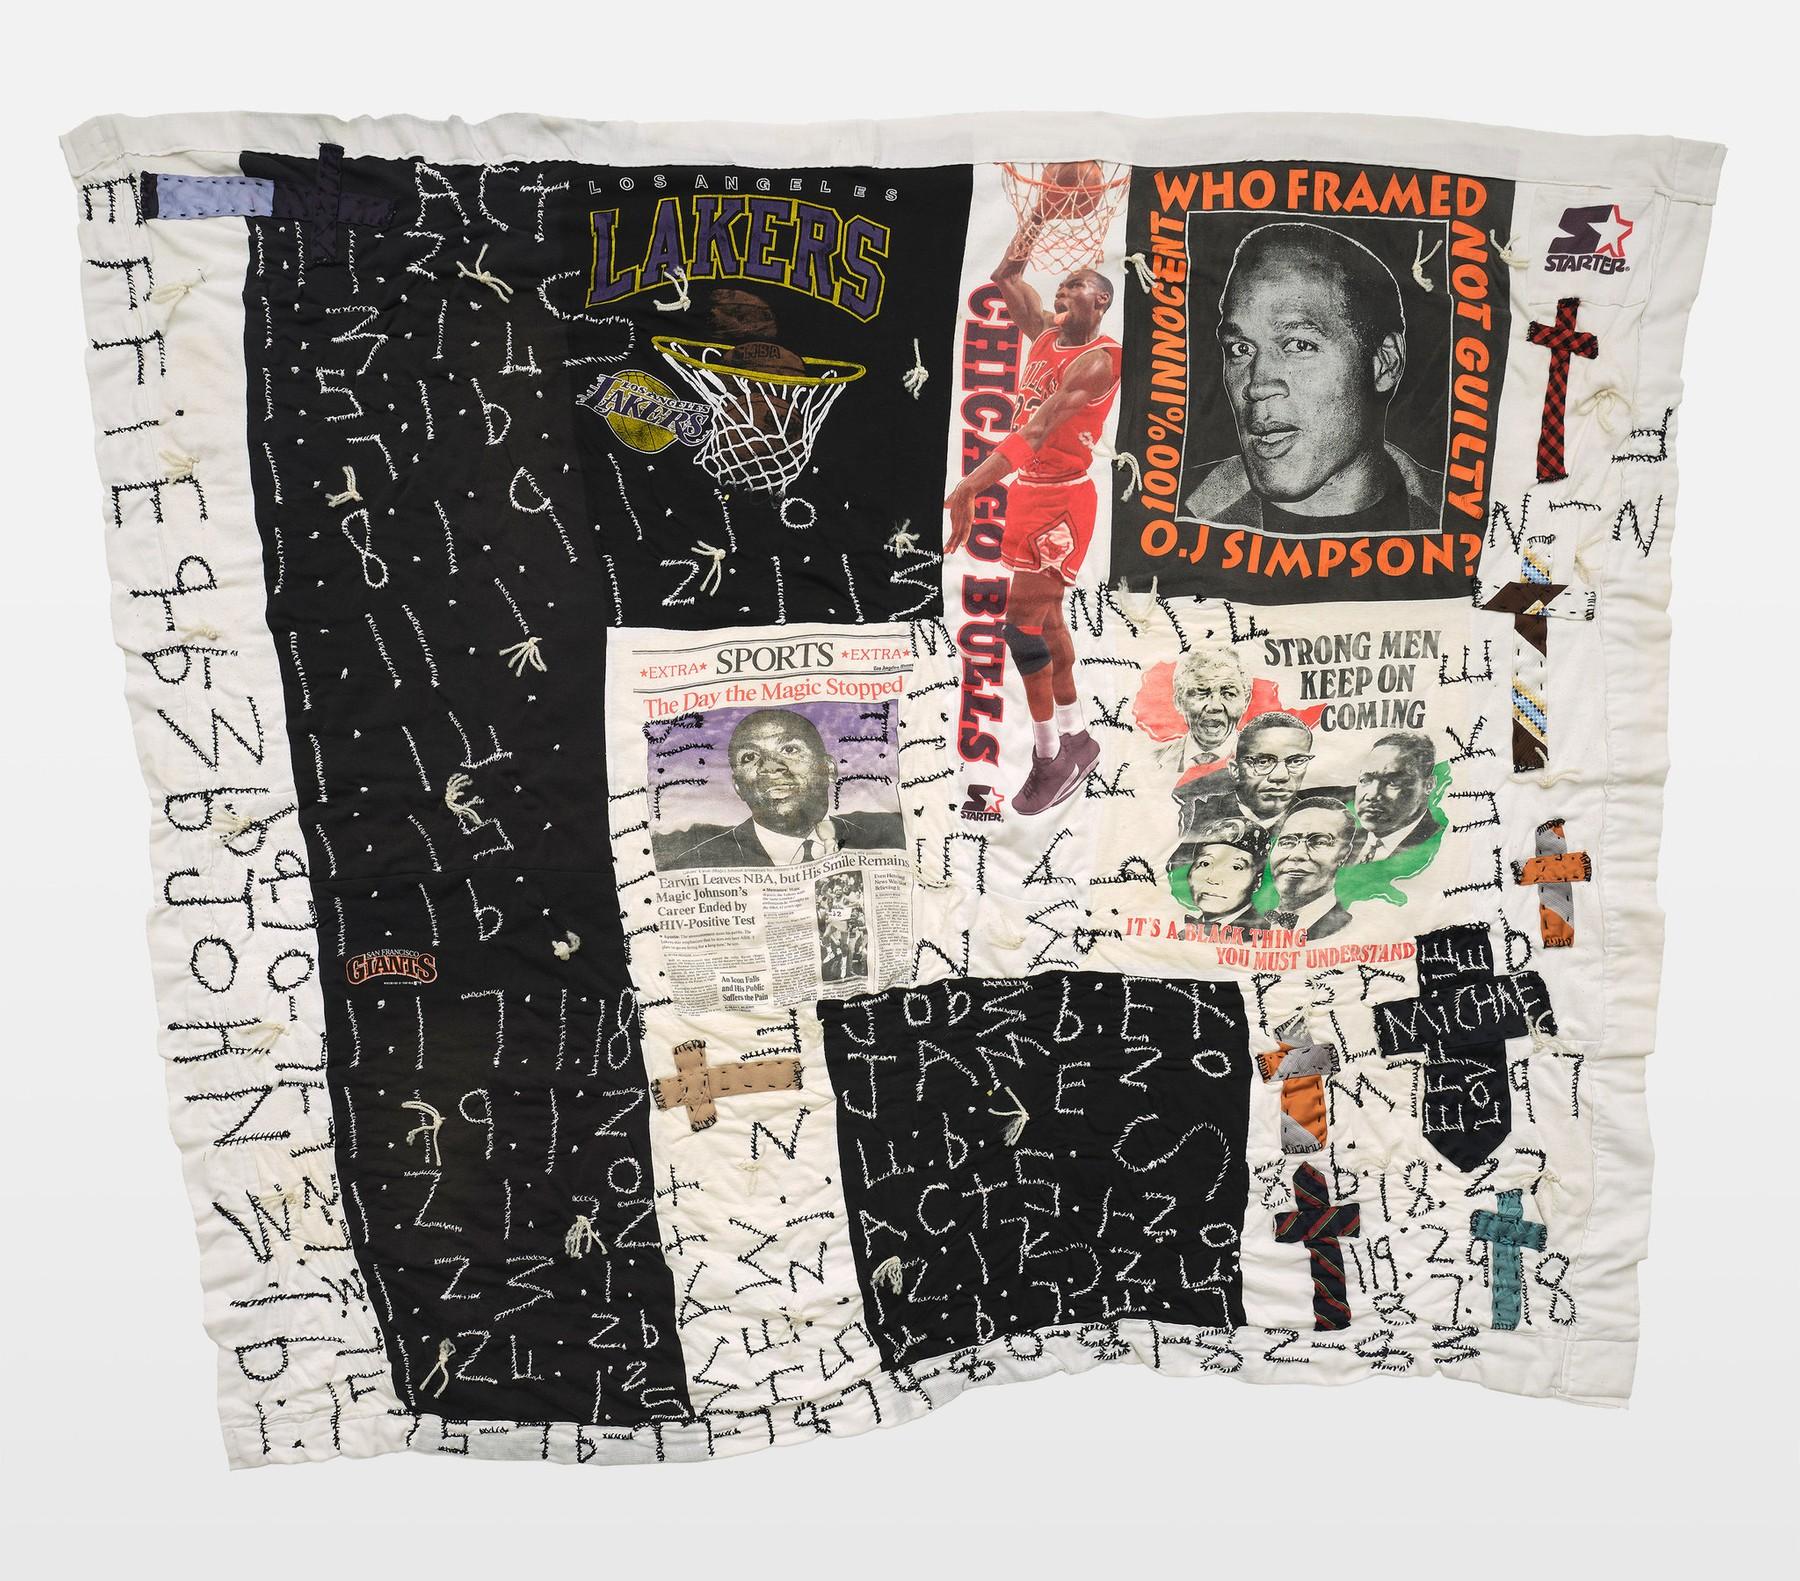 rosie-lee-tompkins-26quilts-digital-8-superjumbo-v2.jpg